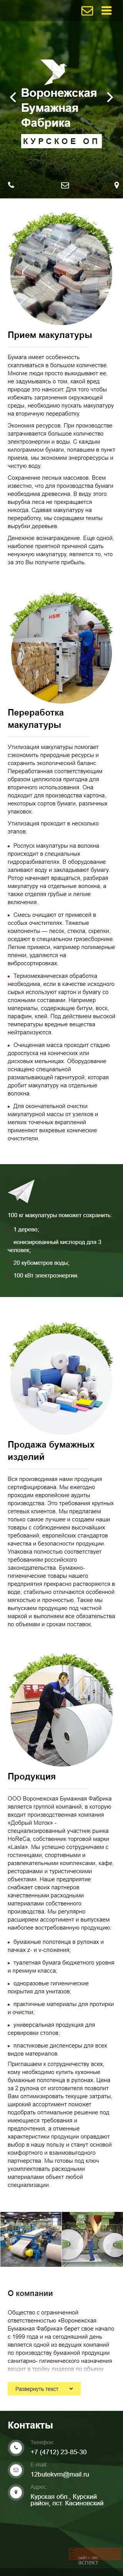 Воронежская Бумажная Фабрика 320 px